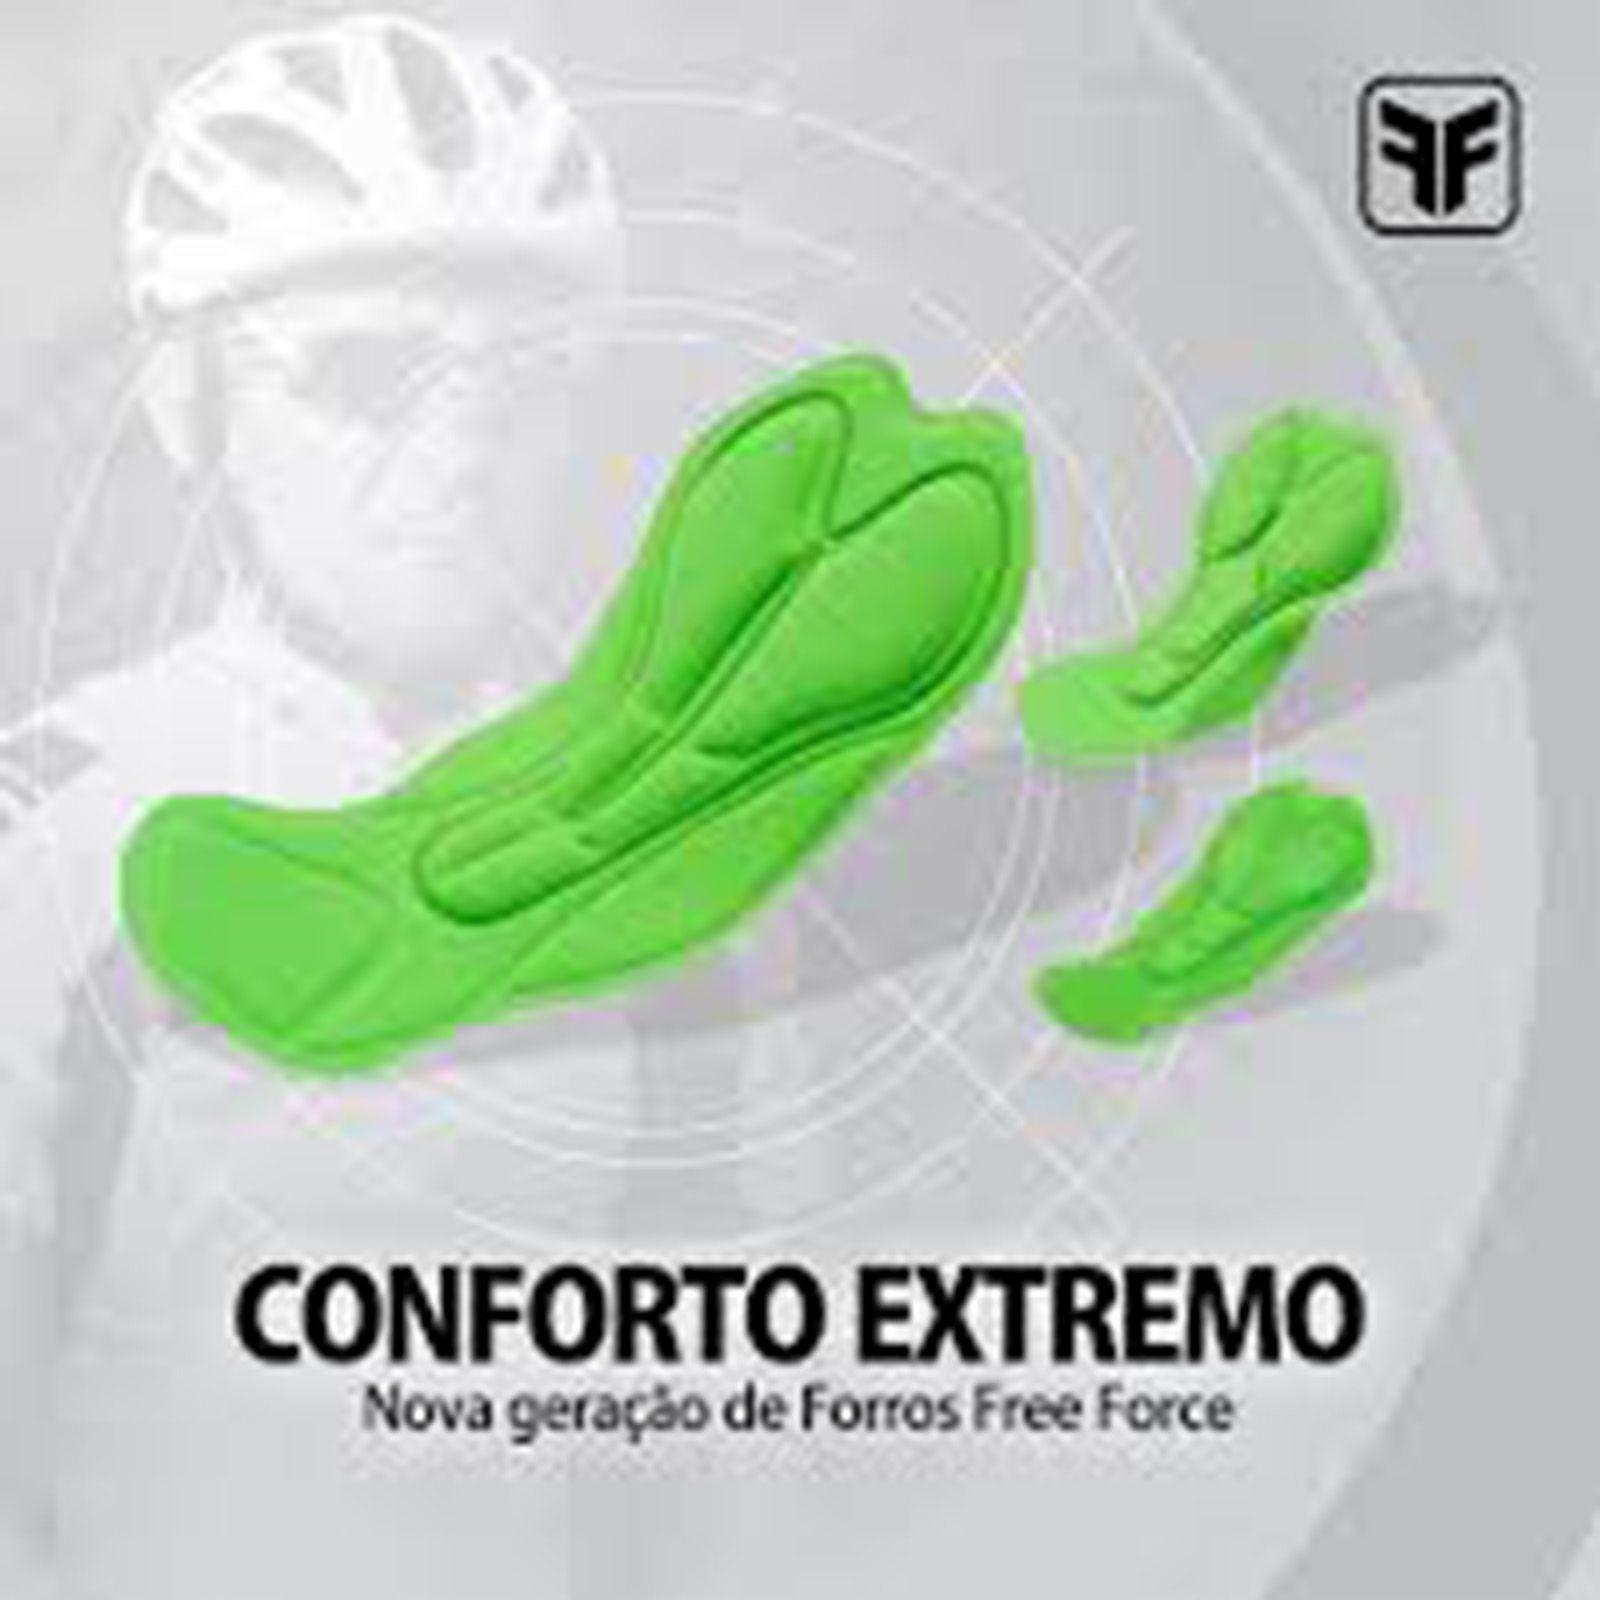 Bretelle Ciclismo Masculino Neo Revolution Free Force